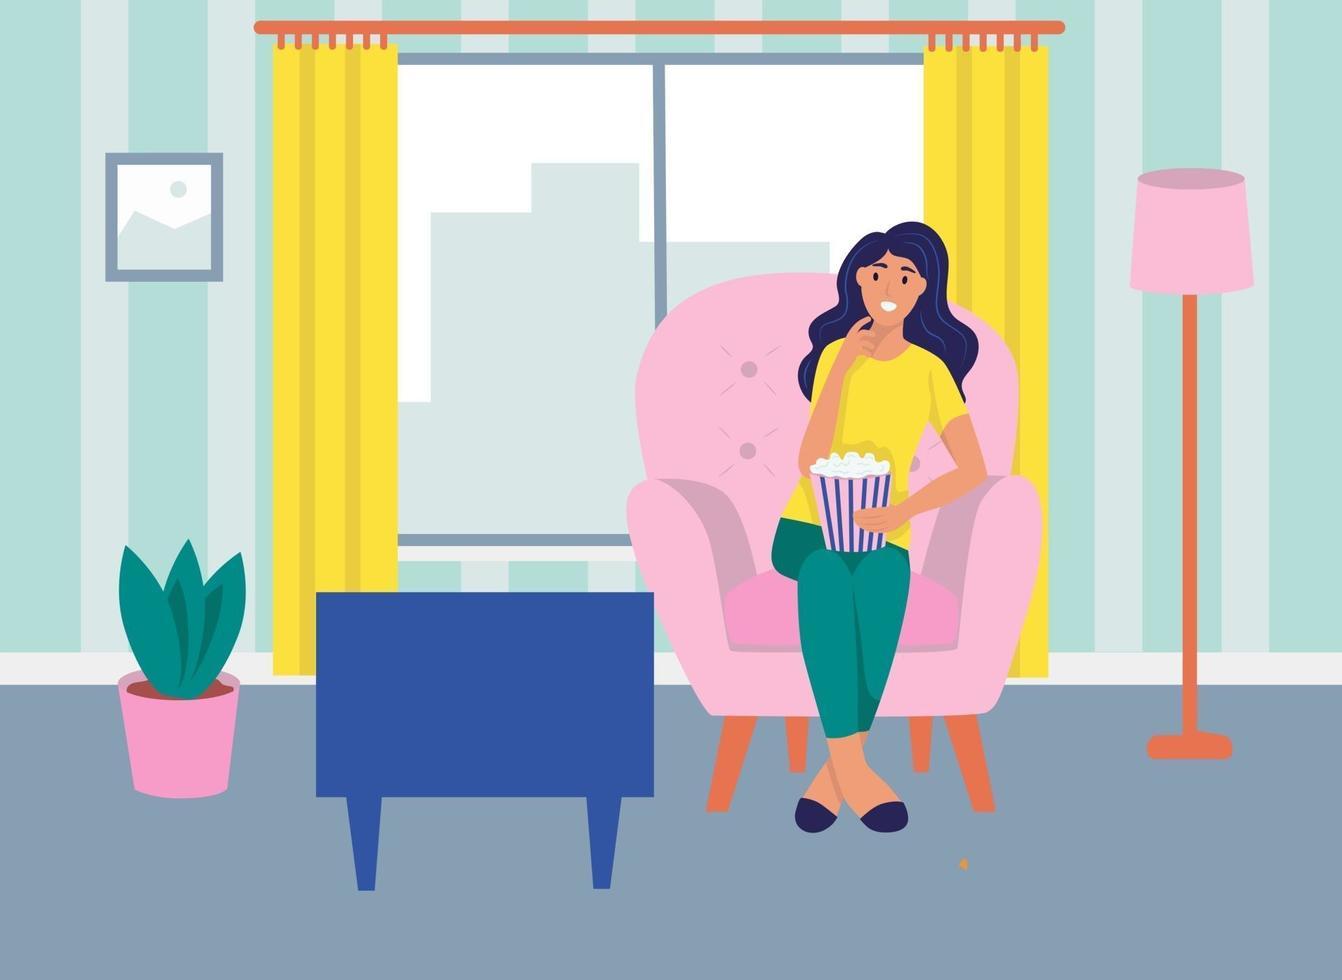 en ung kvinna sitter i soffan, tittar på tv och äter popcorn. begreppet vardagsliv, vardagliga fritids- och arbetsaktiviteter. platt tecknad vektorillustration. vektor